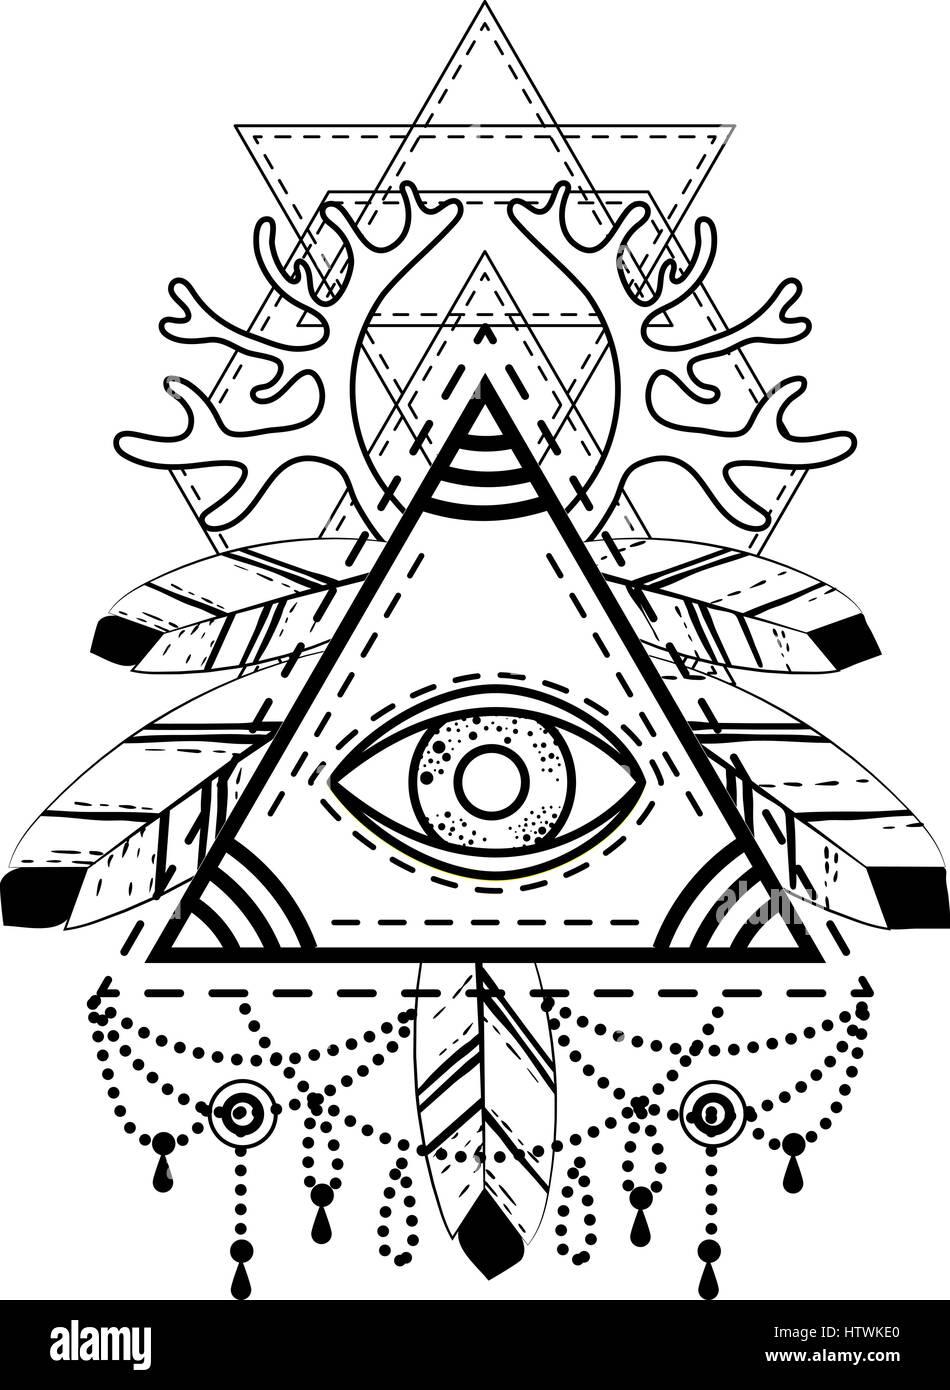 All Seeing Eye Pyramid Symbol